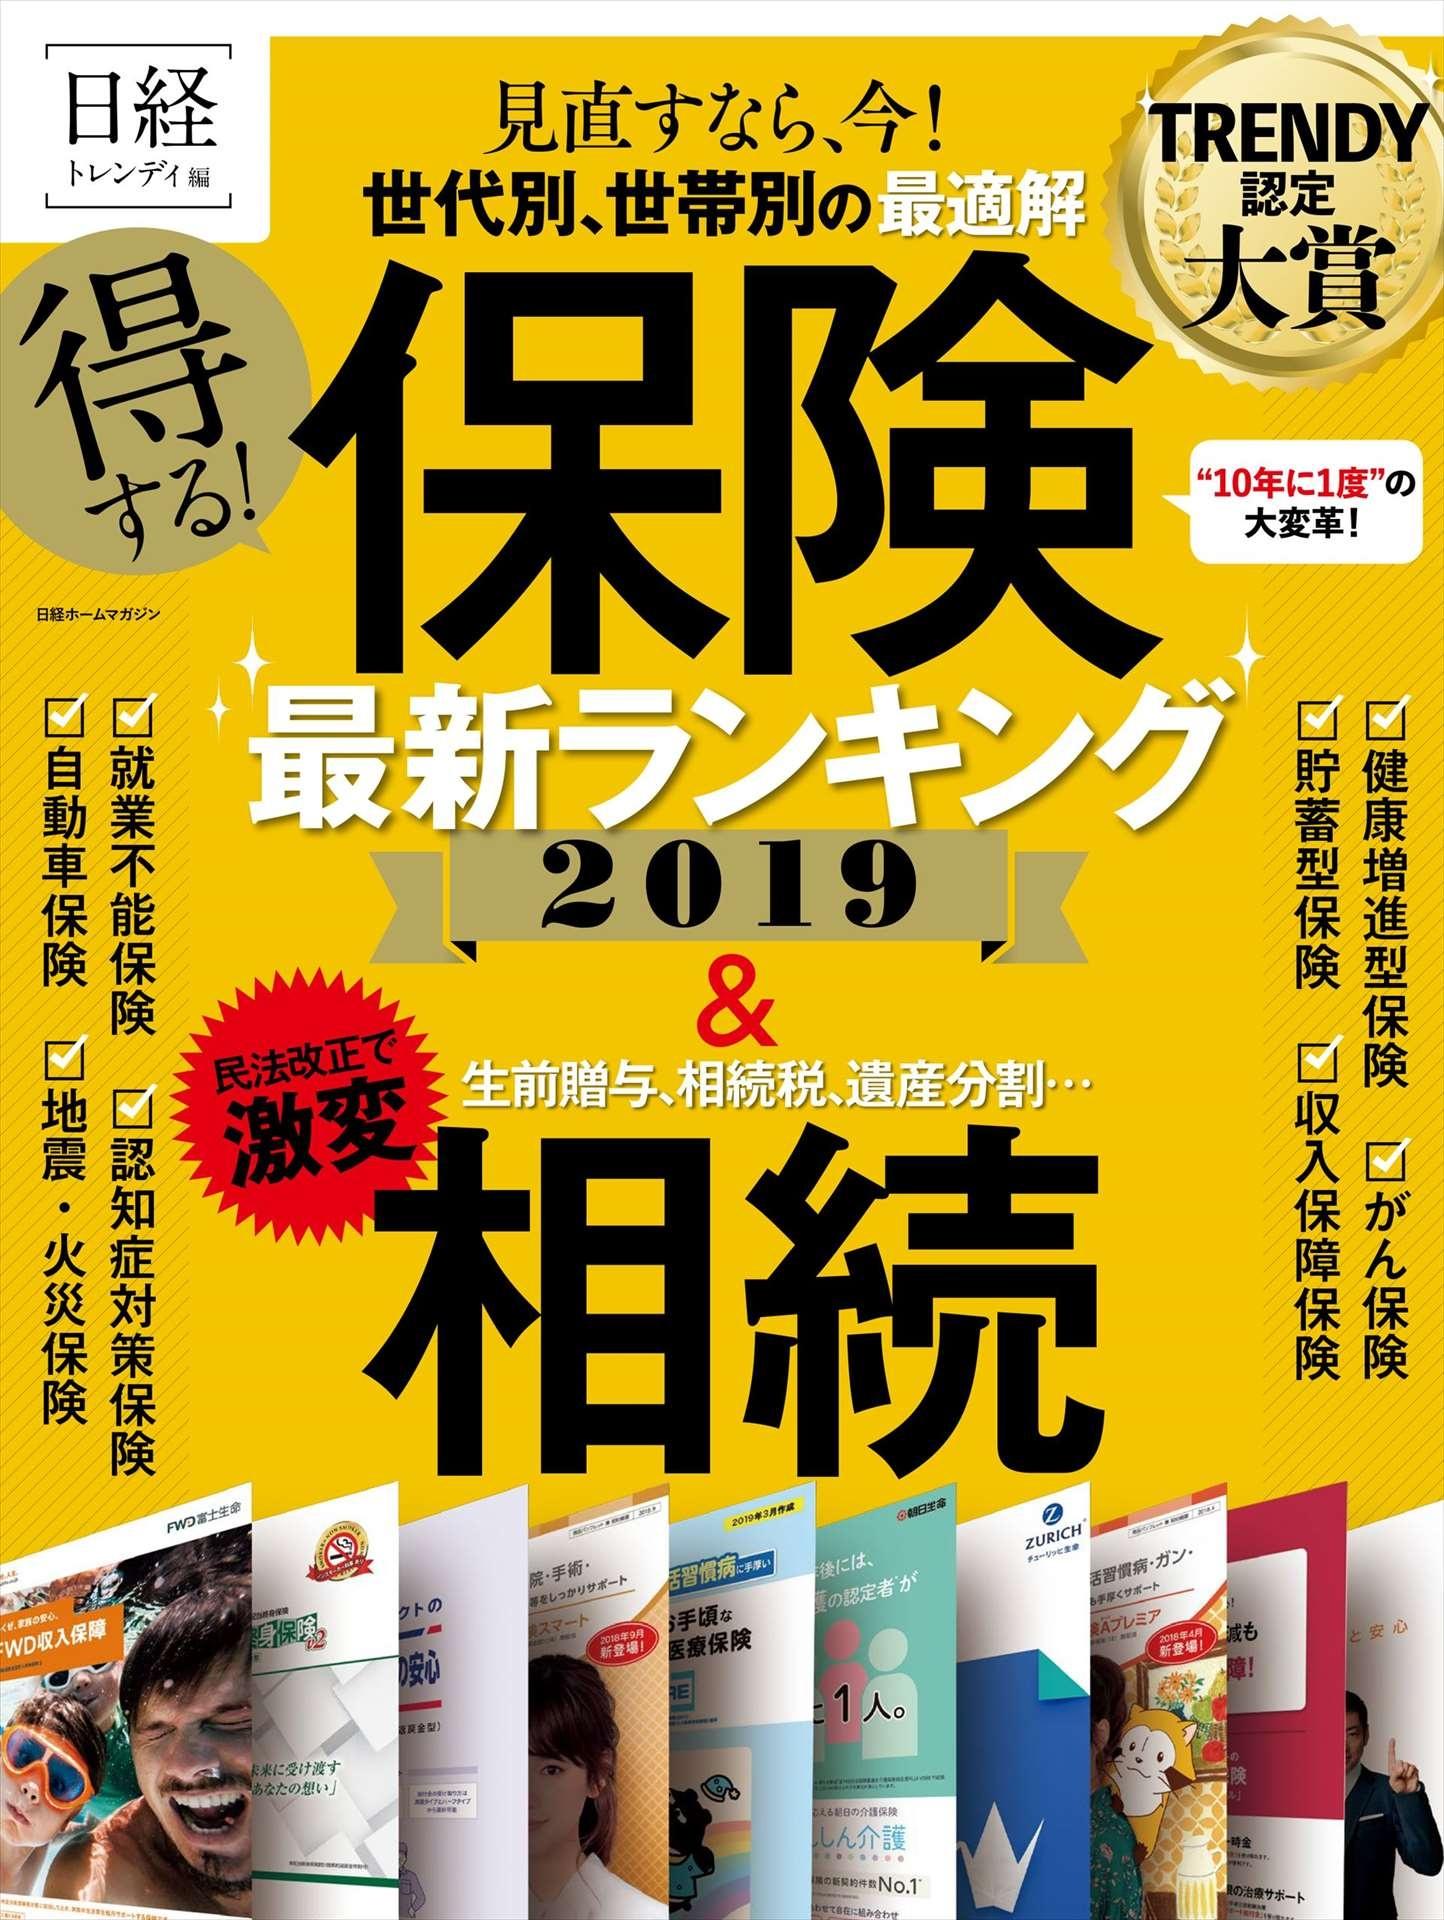 日経TRENDY日経トレンディ ムック「得する!保険 最新ランキング2019」